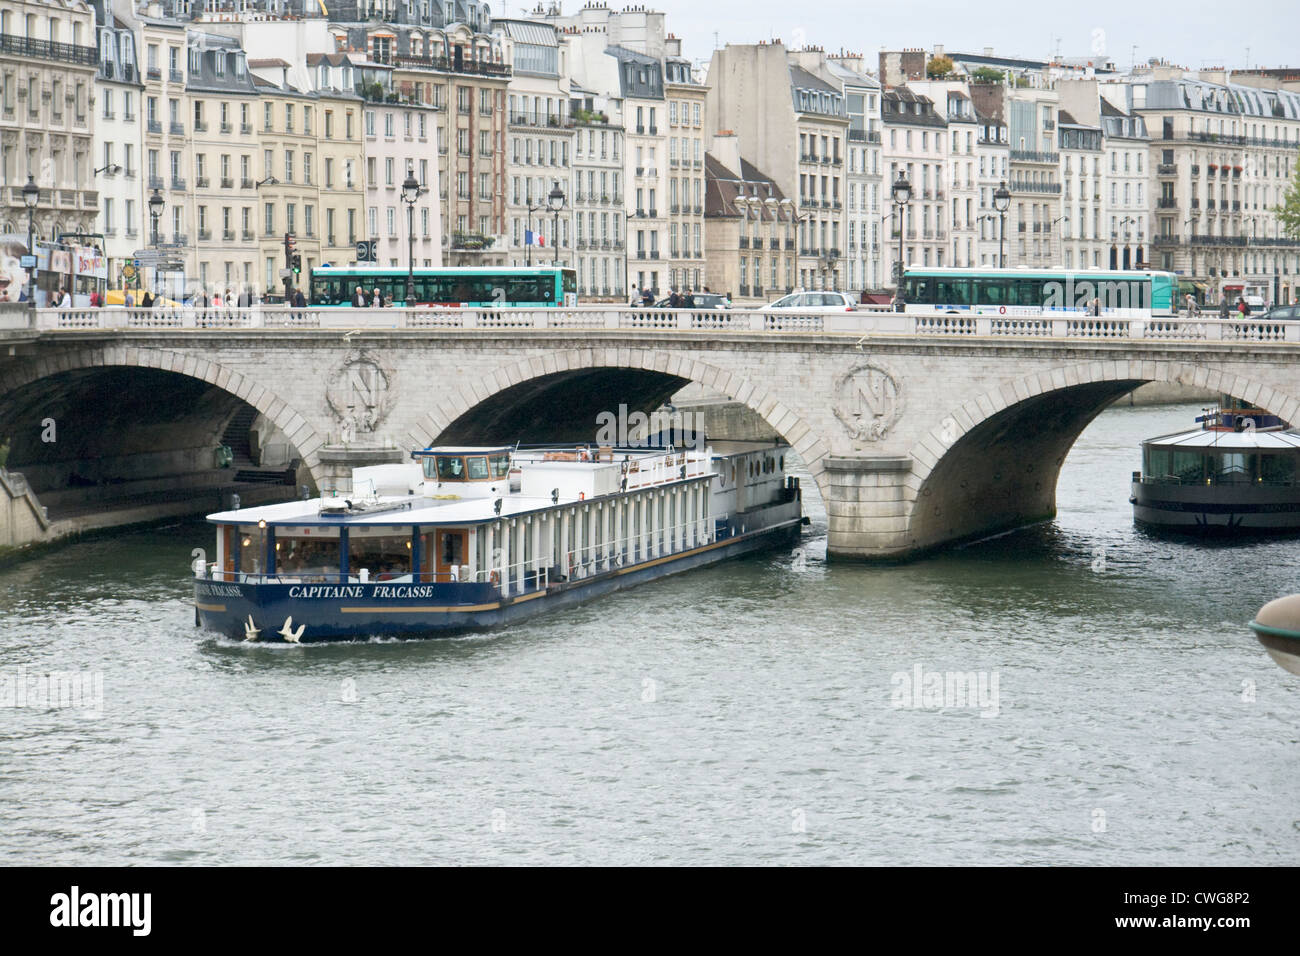 Tourist boat passing under Pont au Change Paris - Stock Image